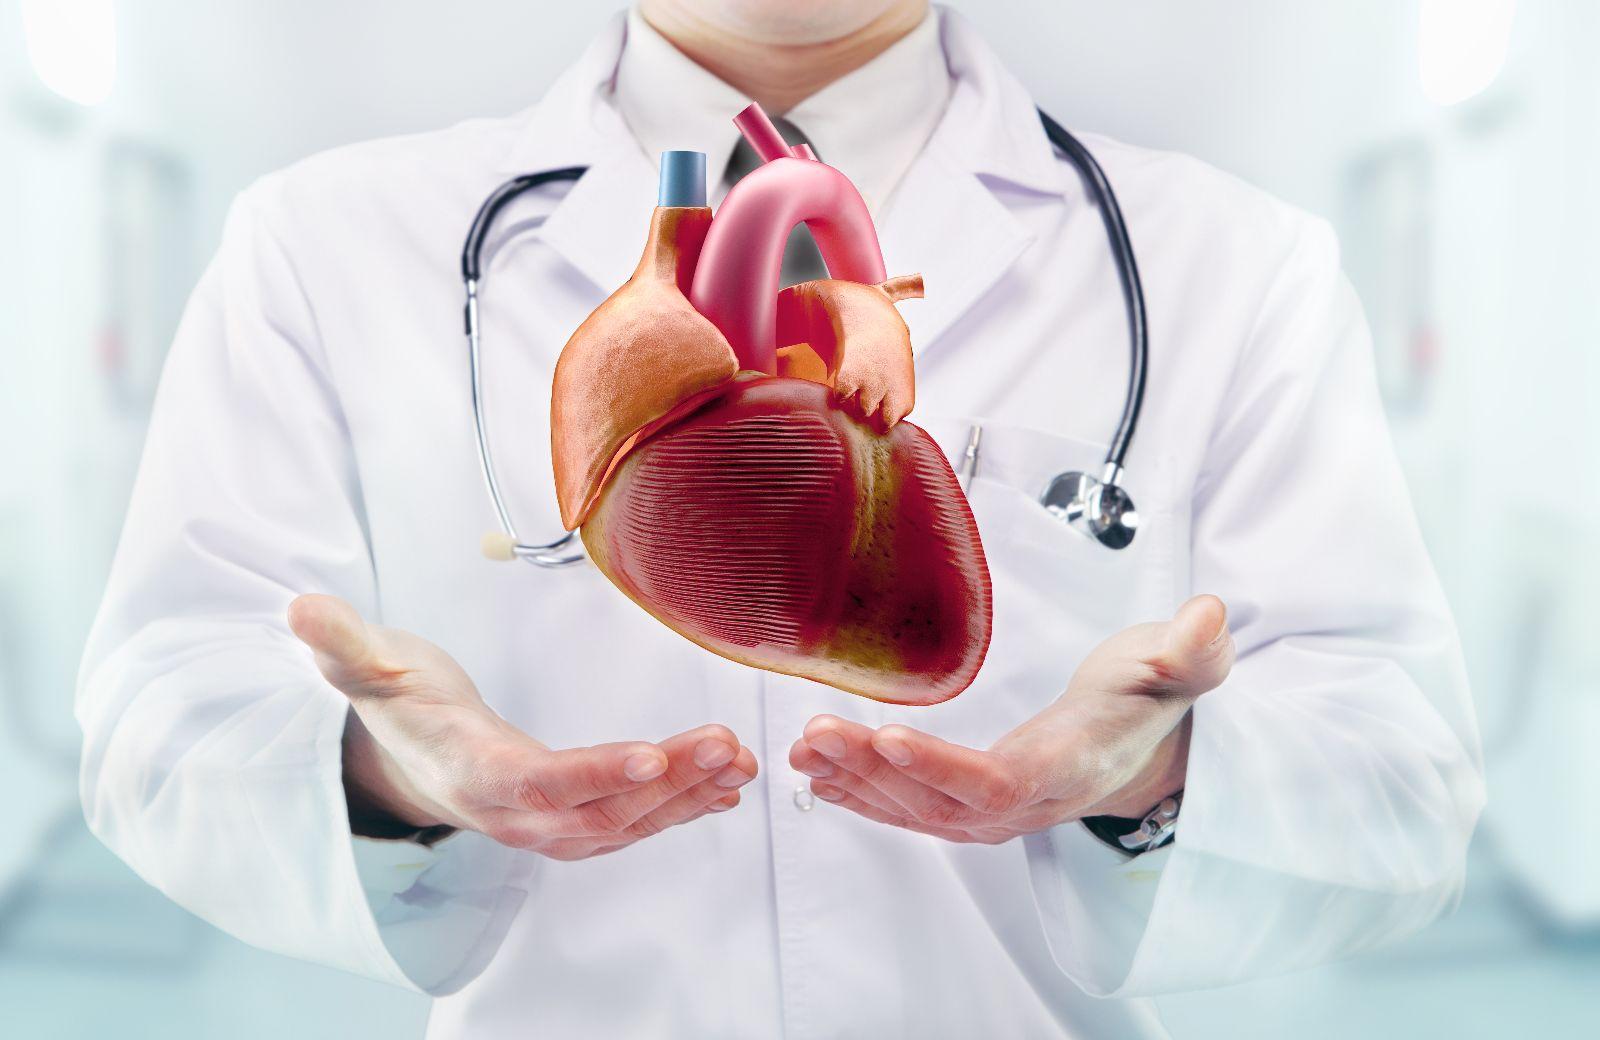 Medico sostiene imagen de un corazón flotando en sus manos